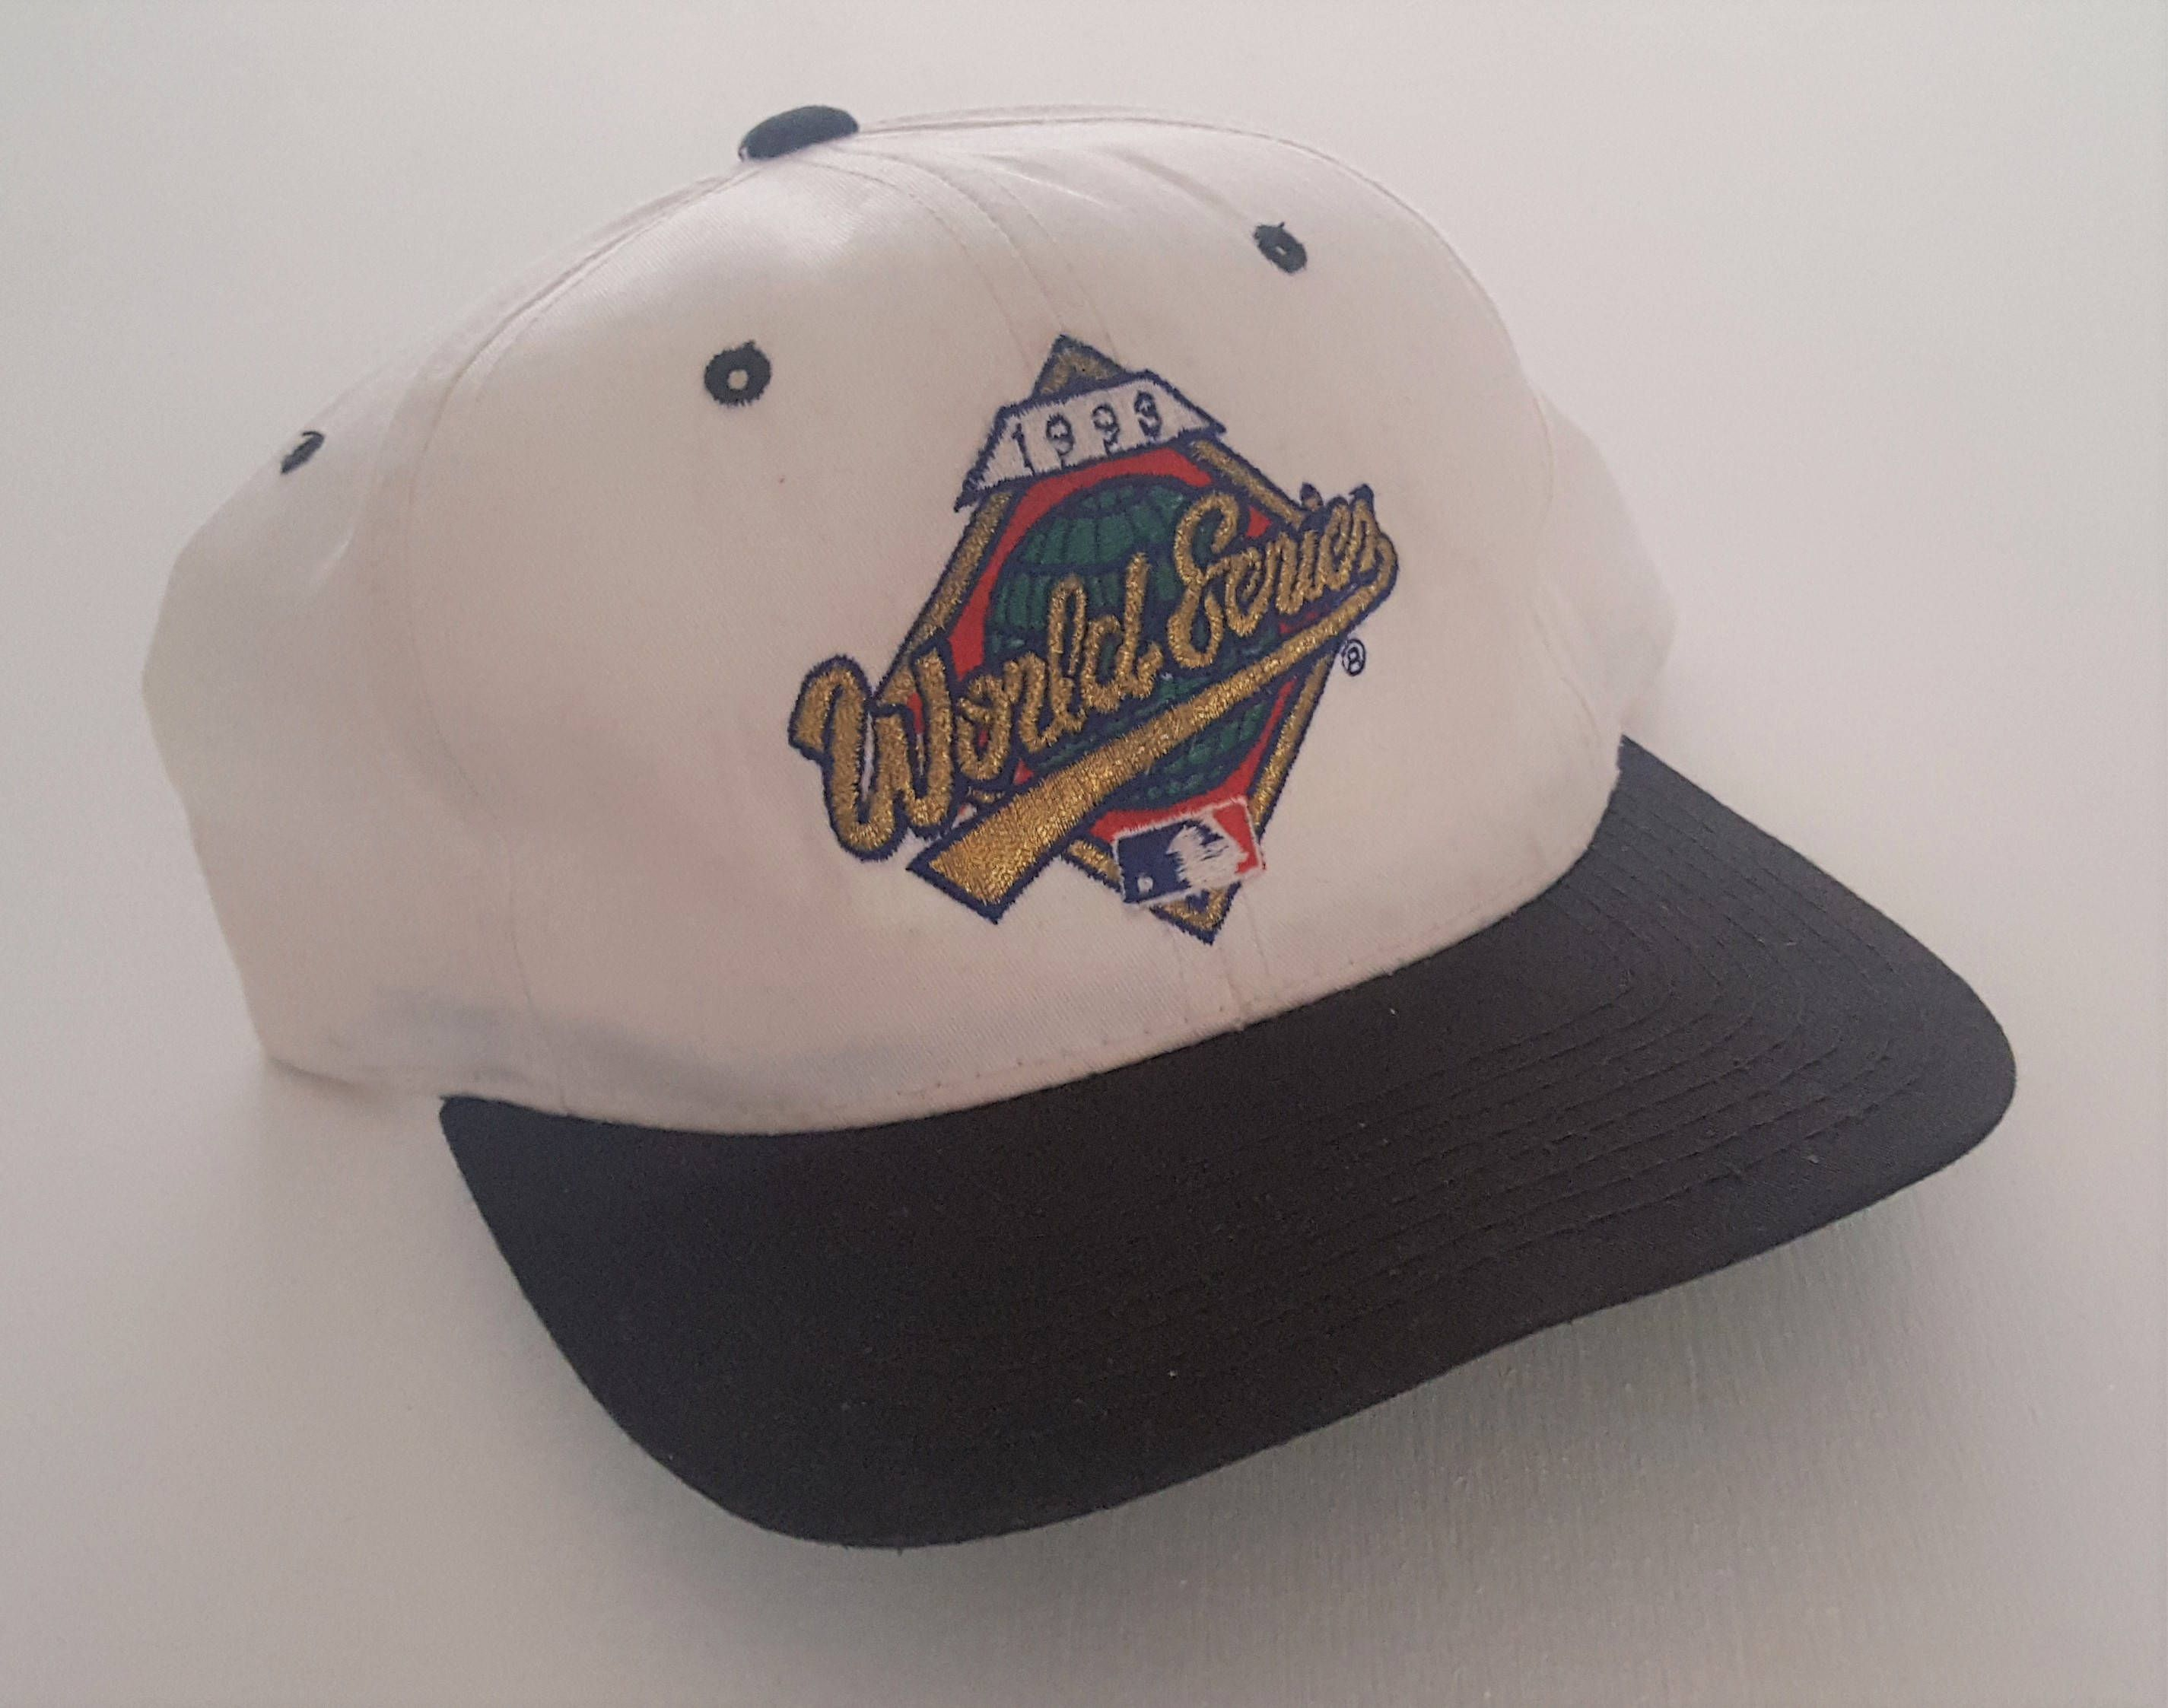 Vintage 1993 World Series Starter Snapback Hat Mlb Vtg By Streetwearandvintage On Etsy Online Vintage Shop Hats Team Shirts